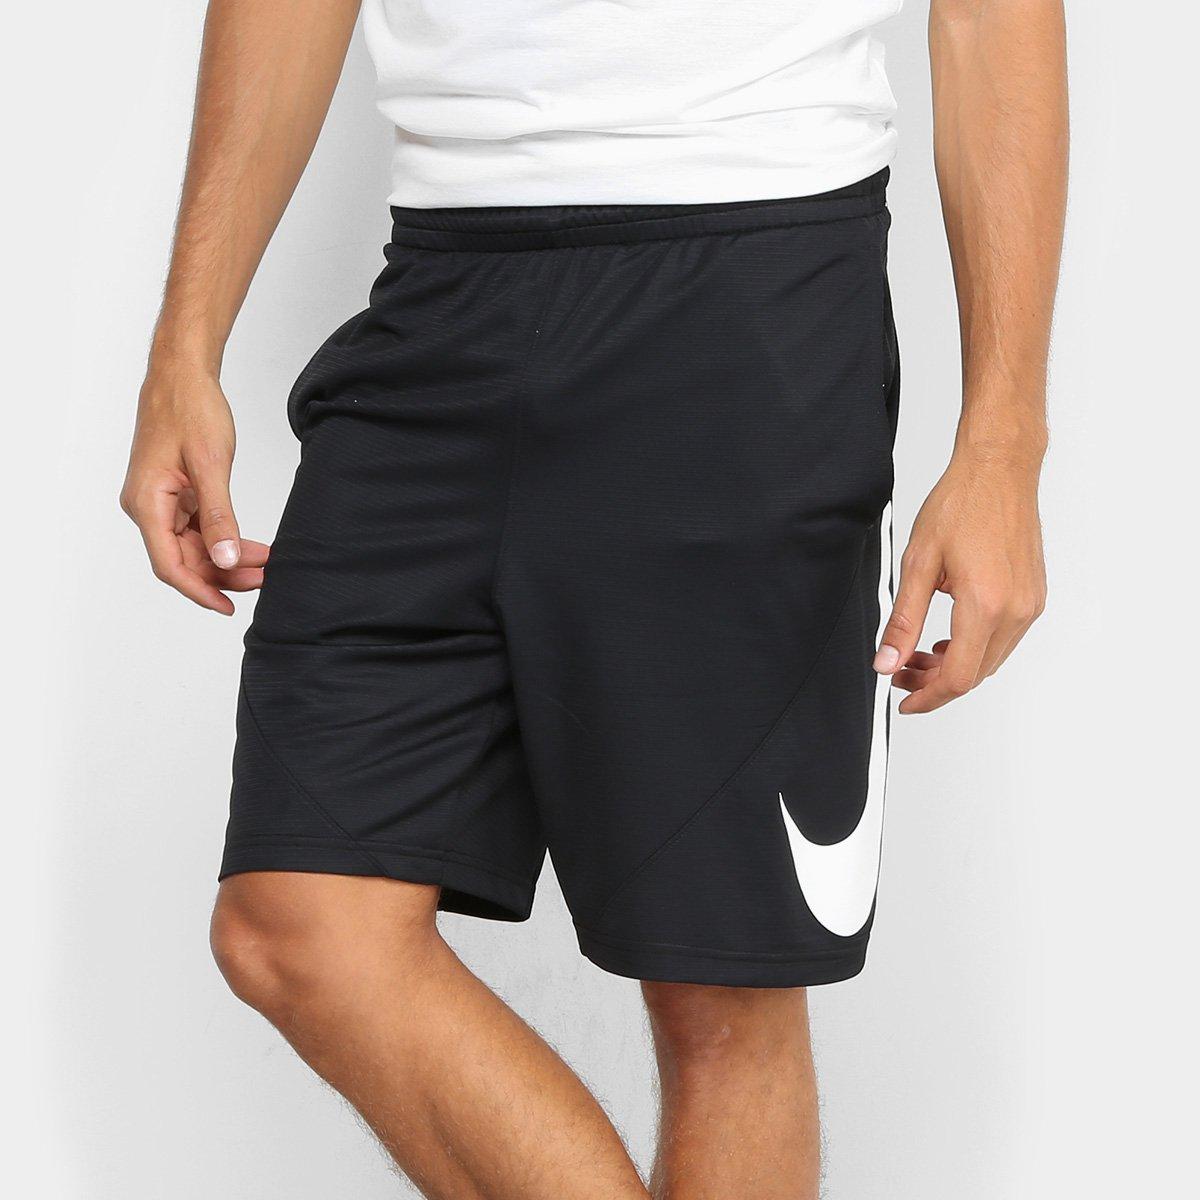 52a6fbdc0 Bermuda Nike HBR Masculina - Preto - Compre Agora